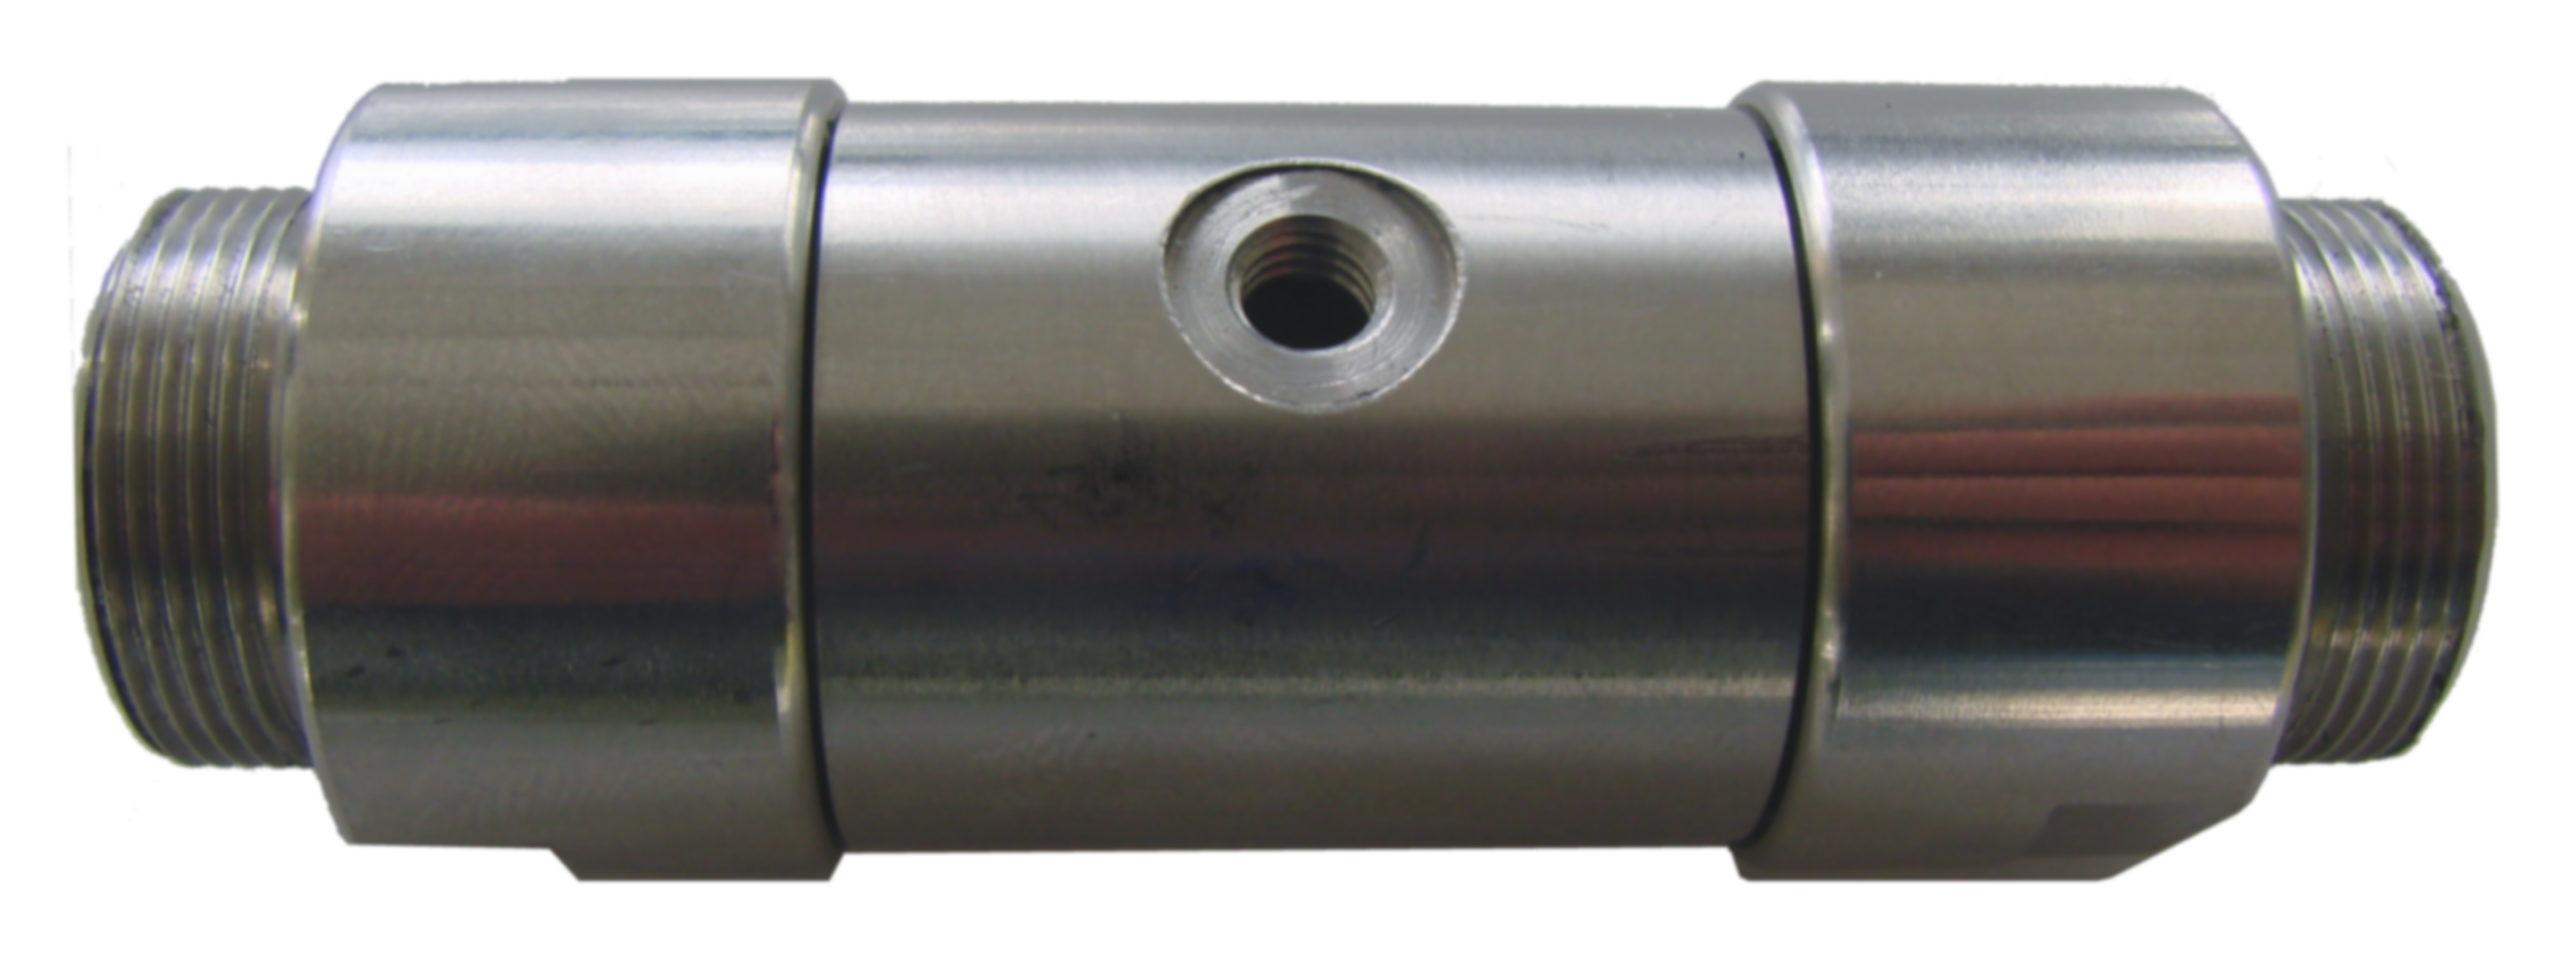 KVT-QV-299-01544